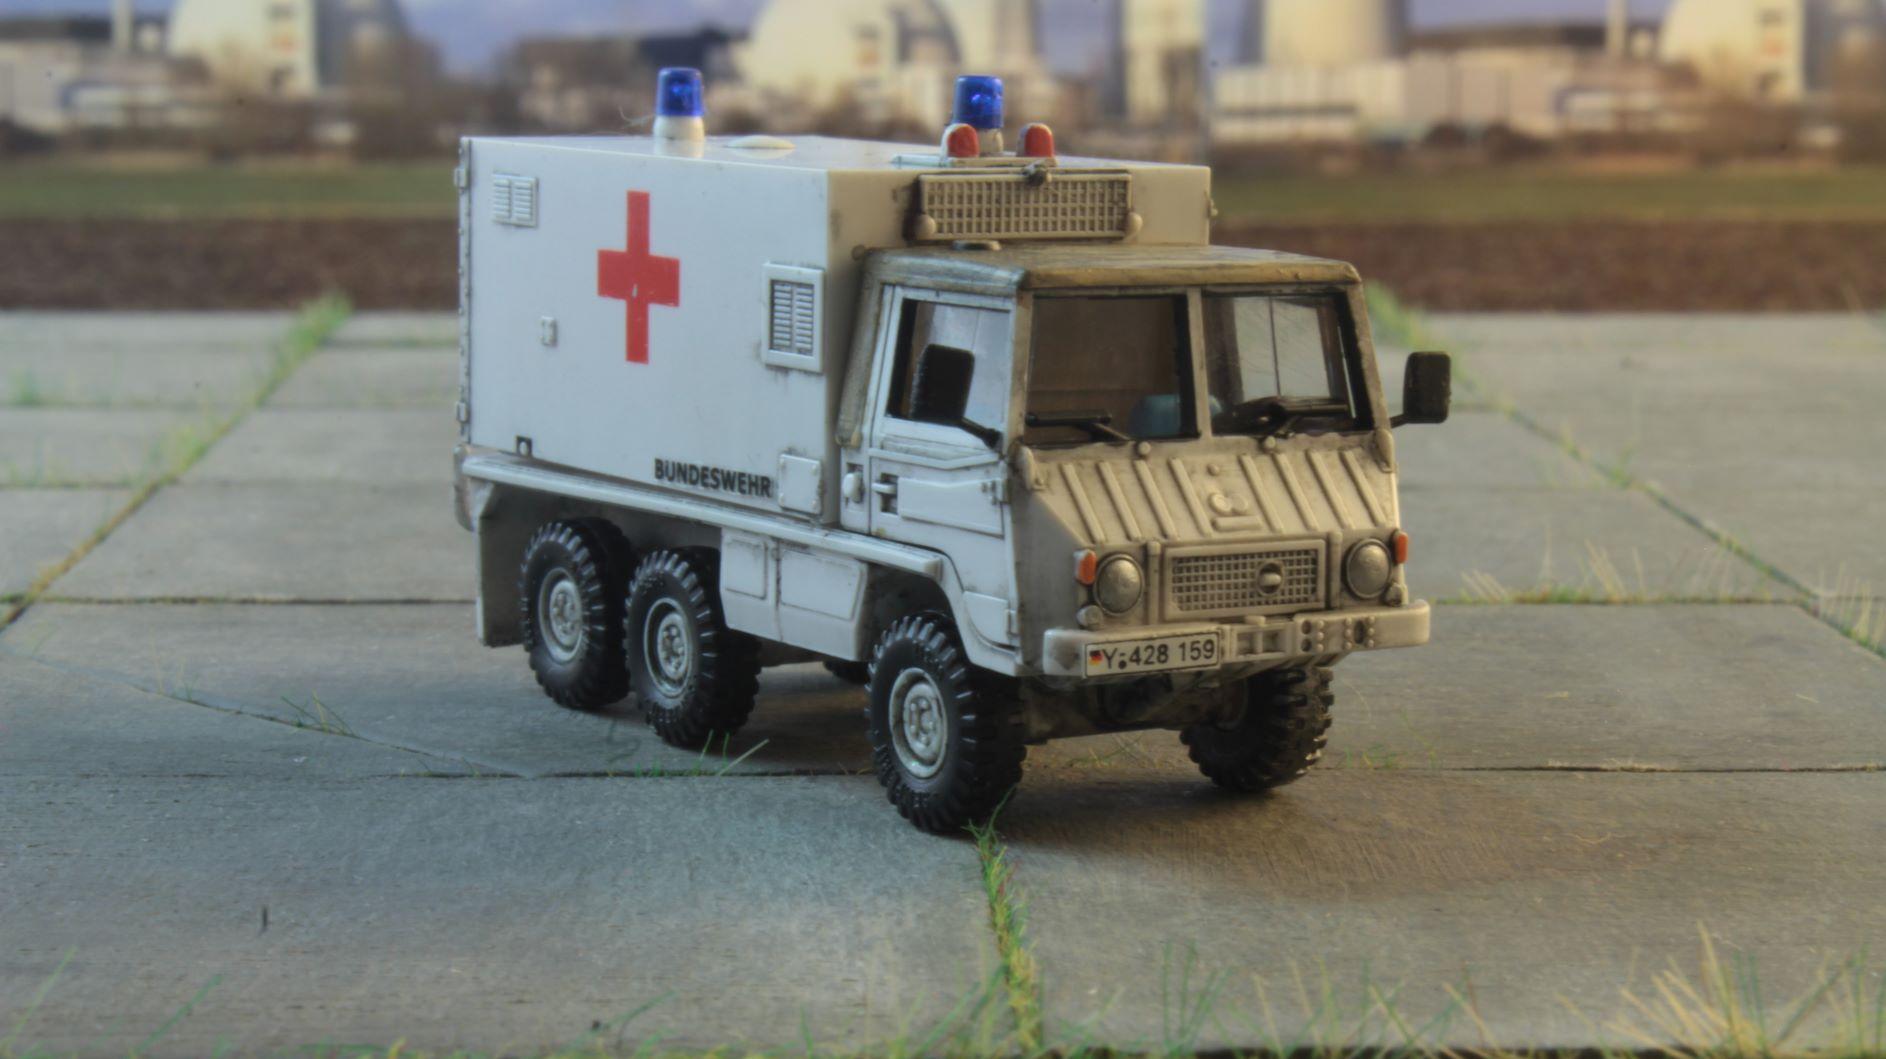 Pinzgauer 6x6 Roco Ambulans 3 JPG.JPG